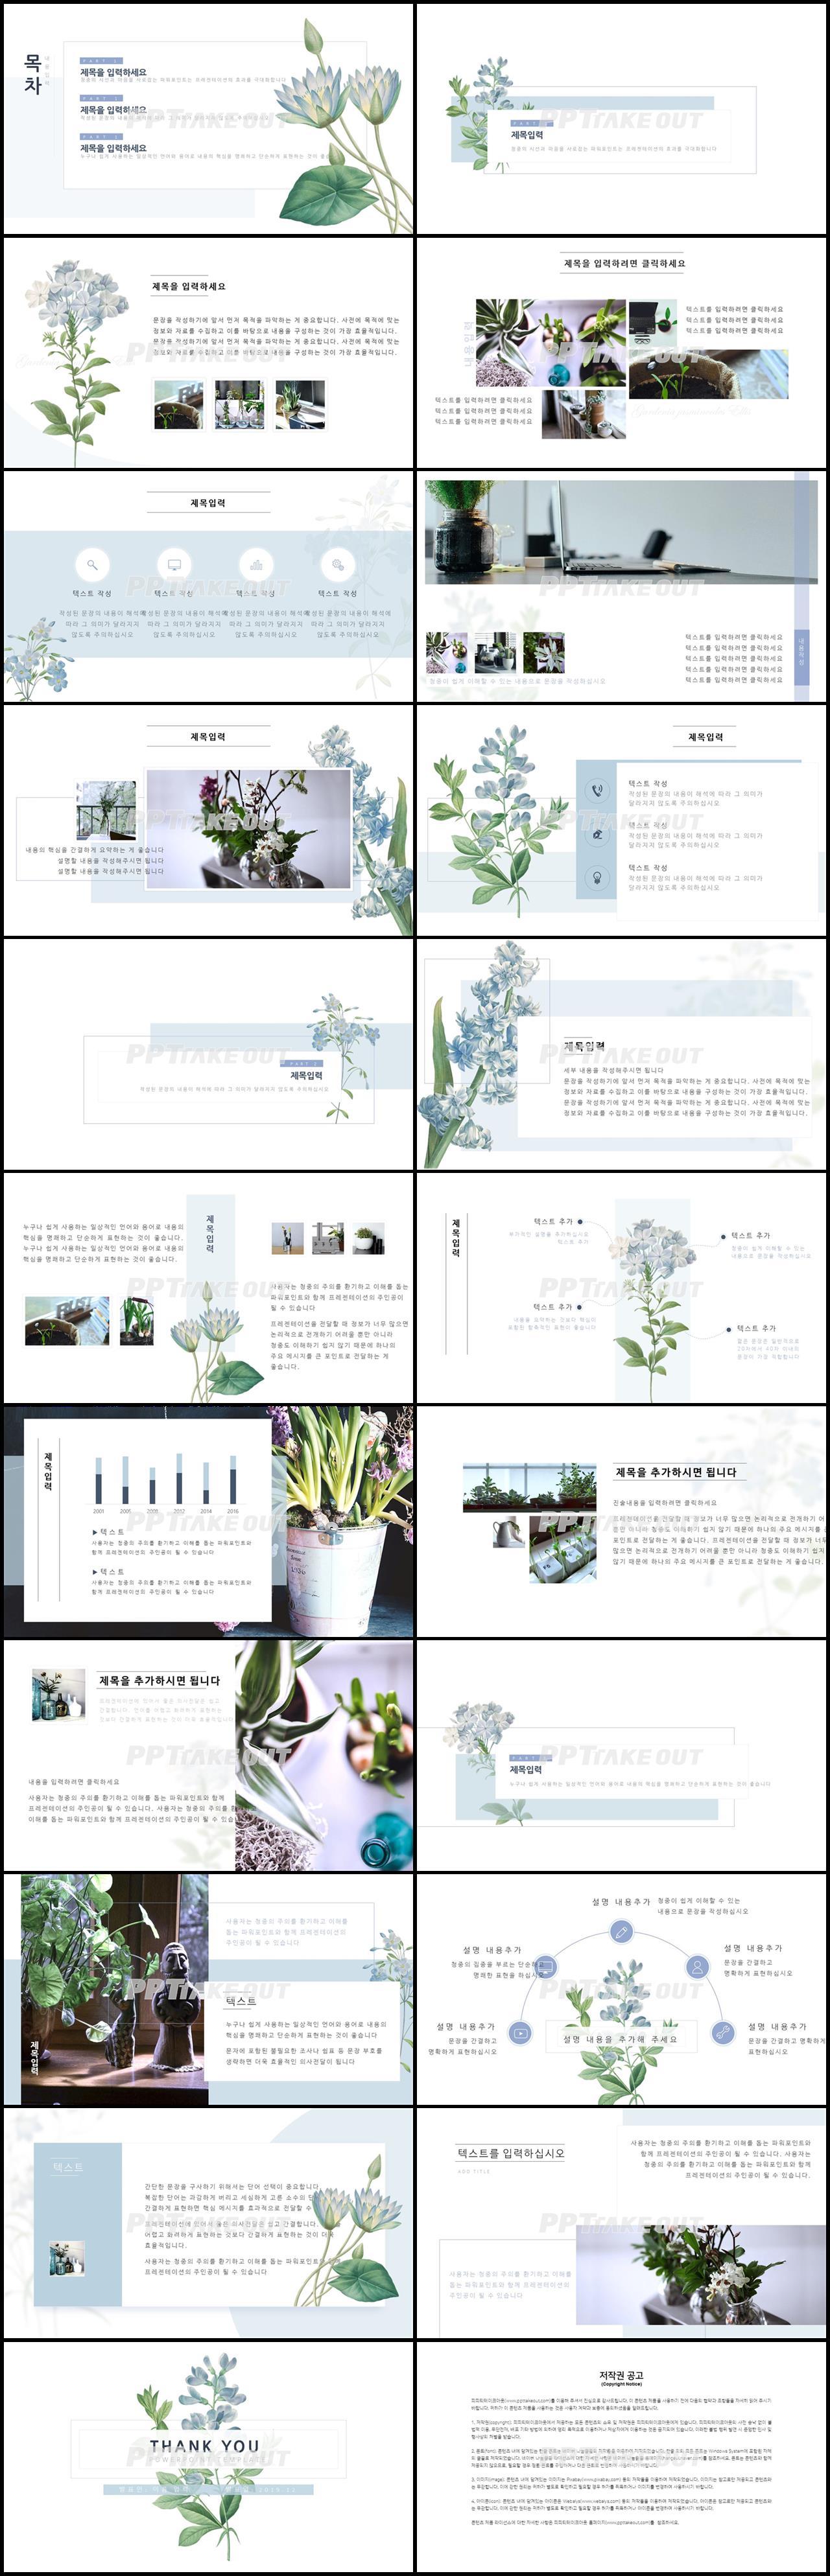 꽃과 동식물 주제 그린색 단정한 맞춤형 PPT테마 다운로드 상세보기